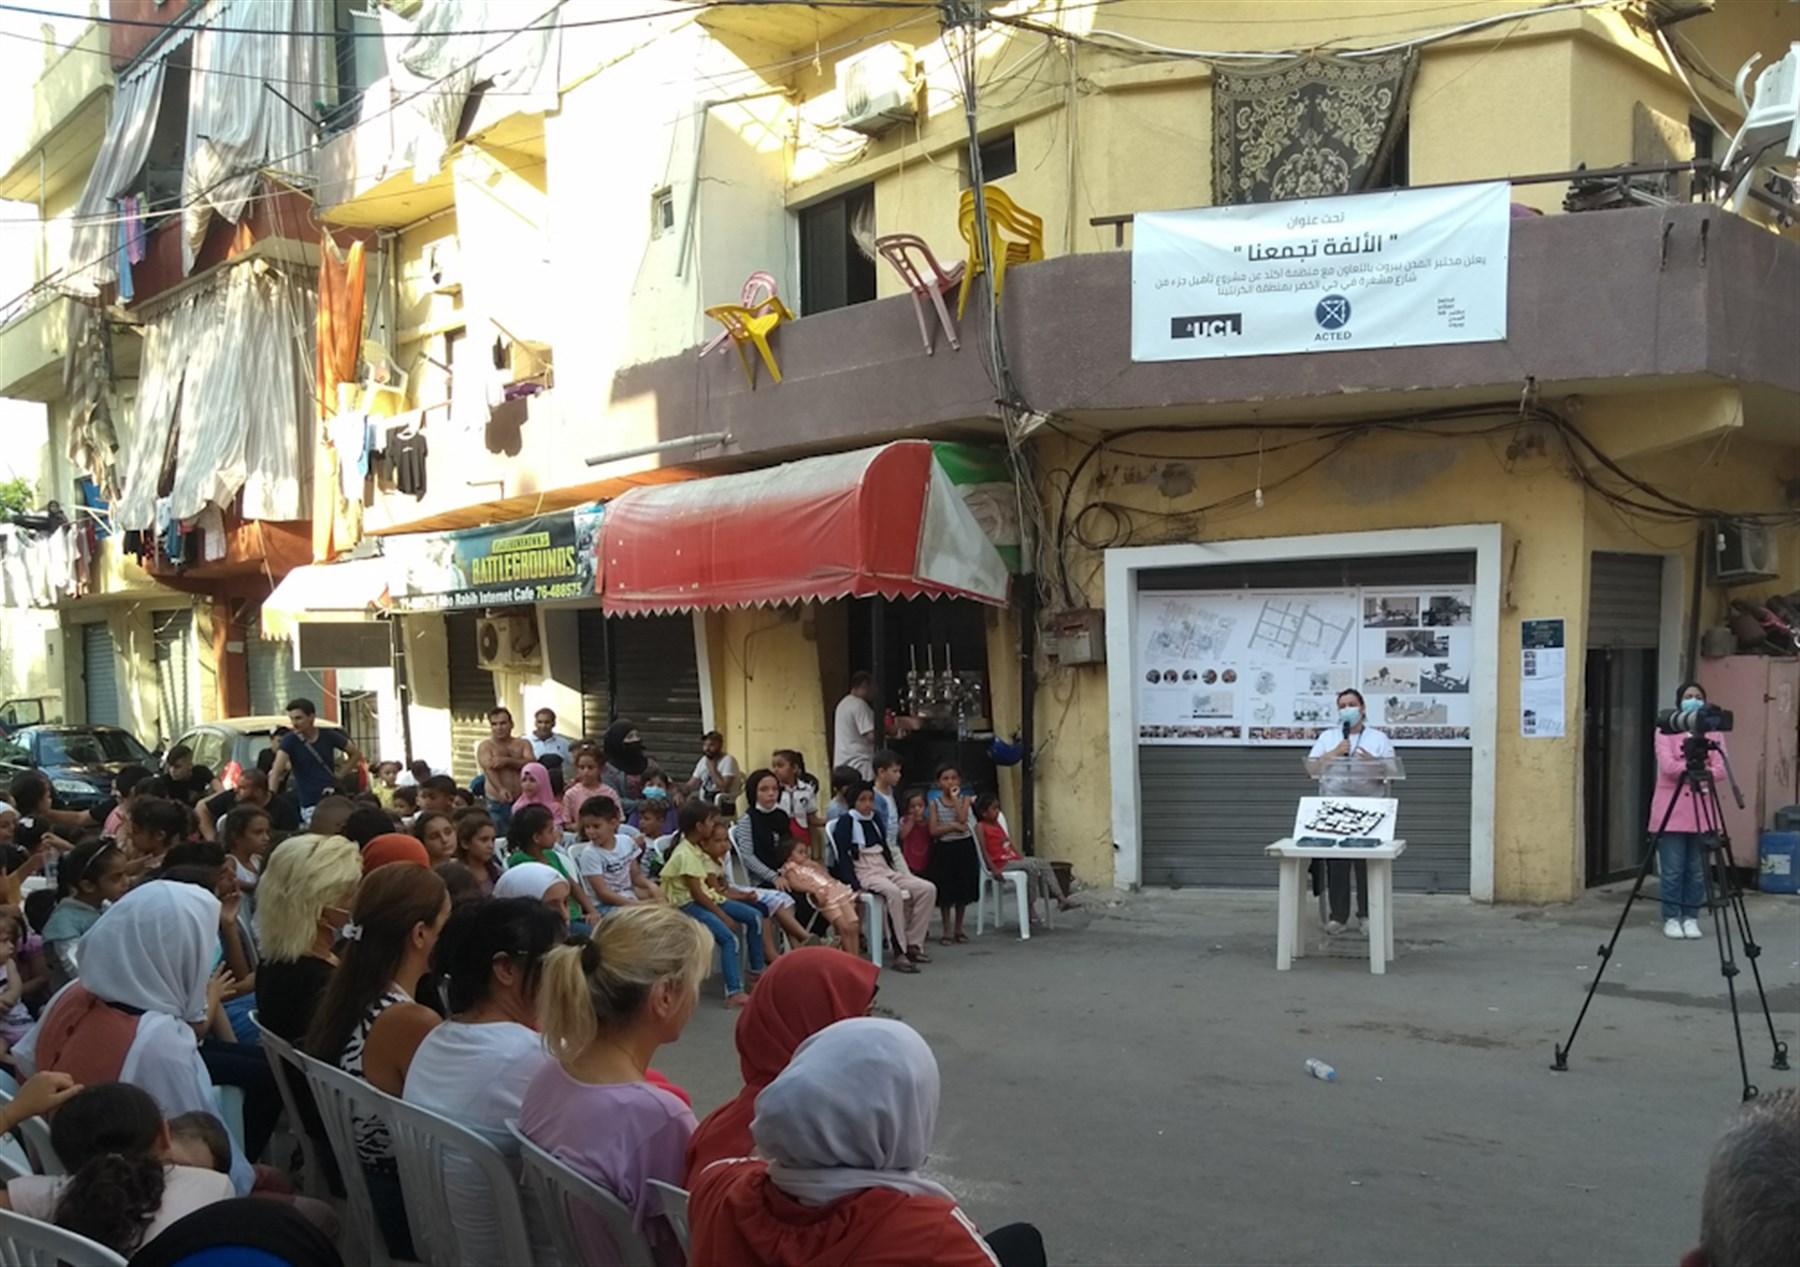 منسقّة برنامج الحماية في آكتد هاجر شمعون مع سكّان حي الخضر (تصوير: علي غدّار، آب 2021)